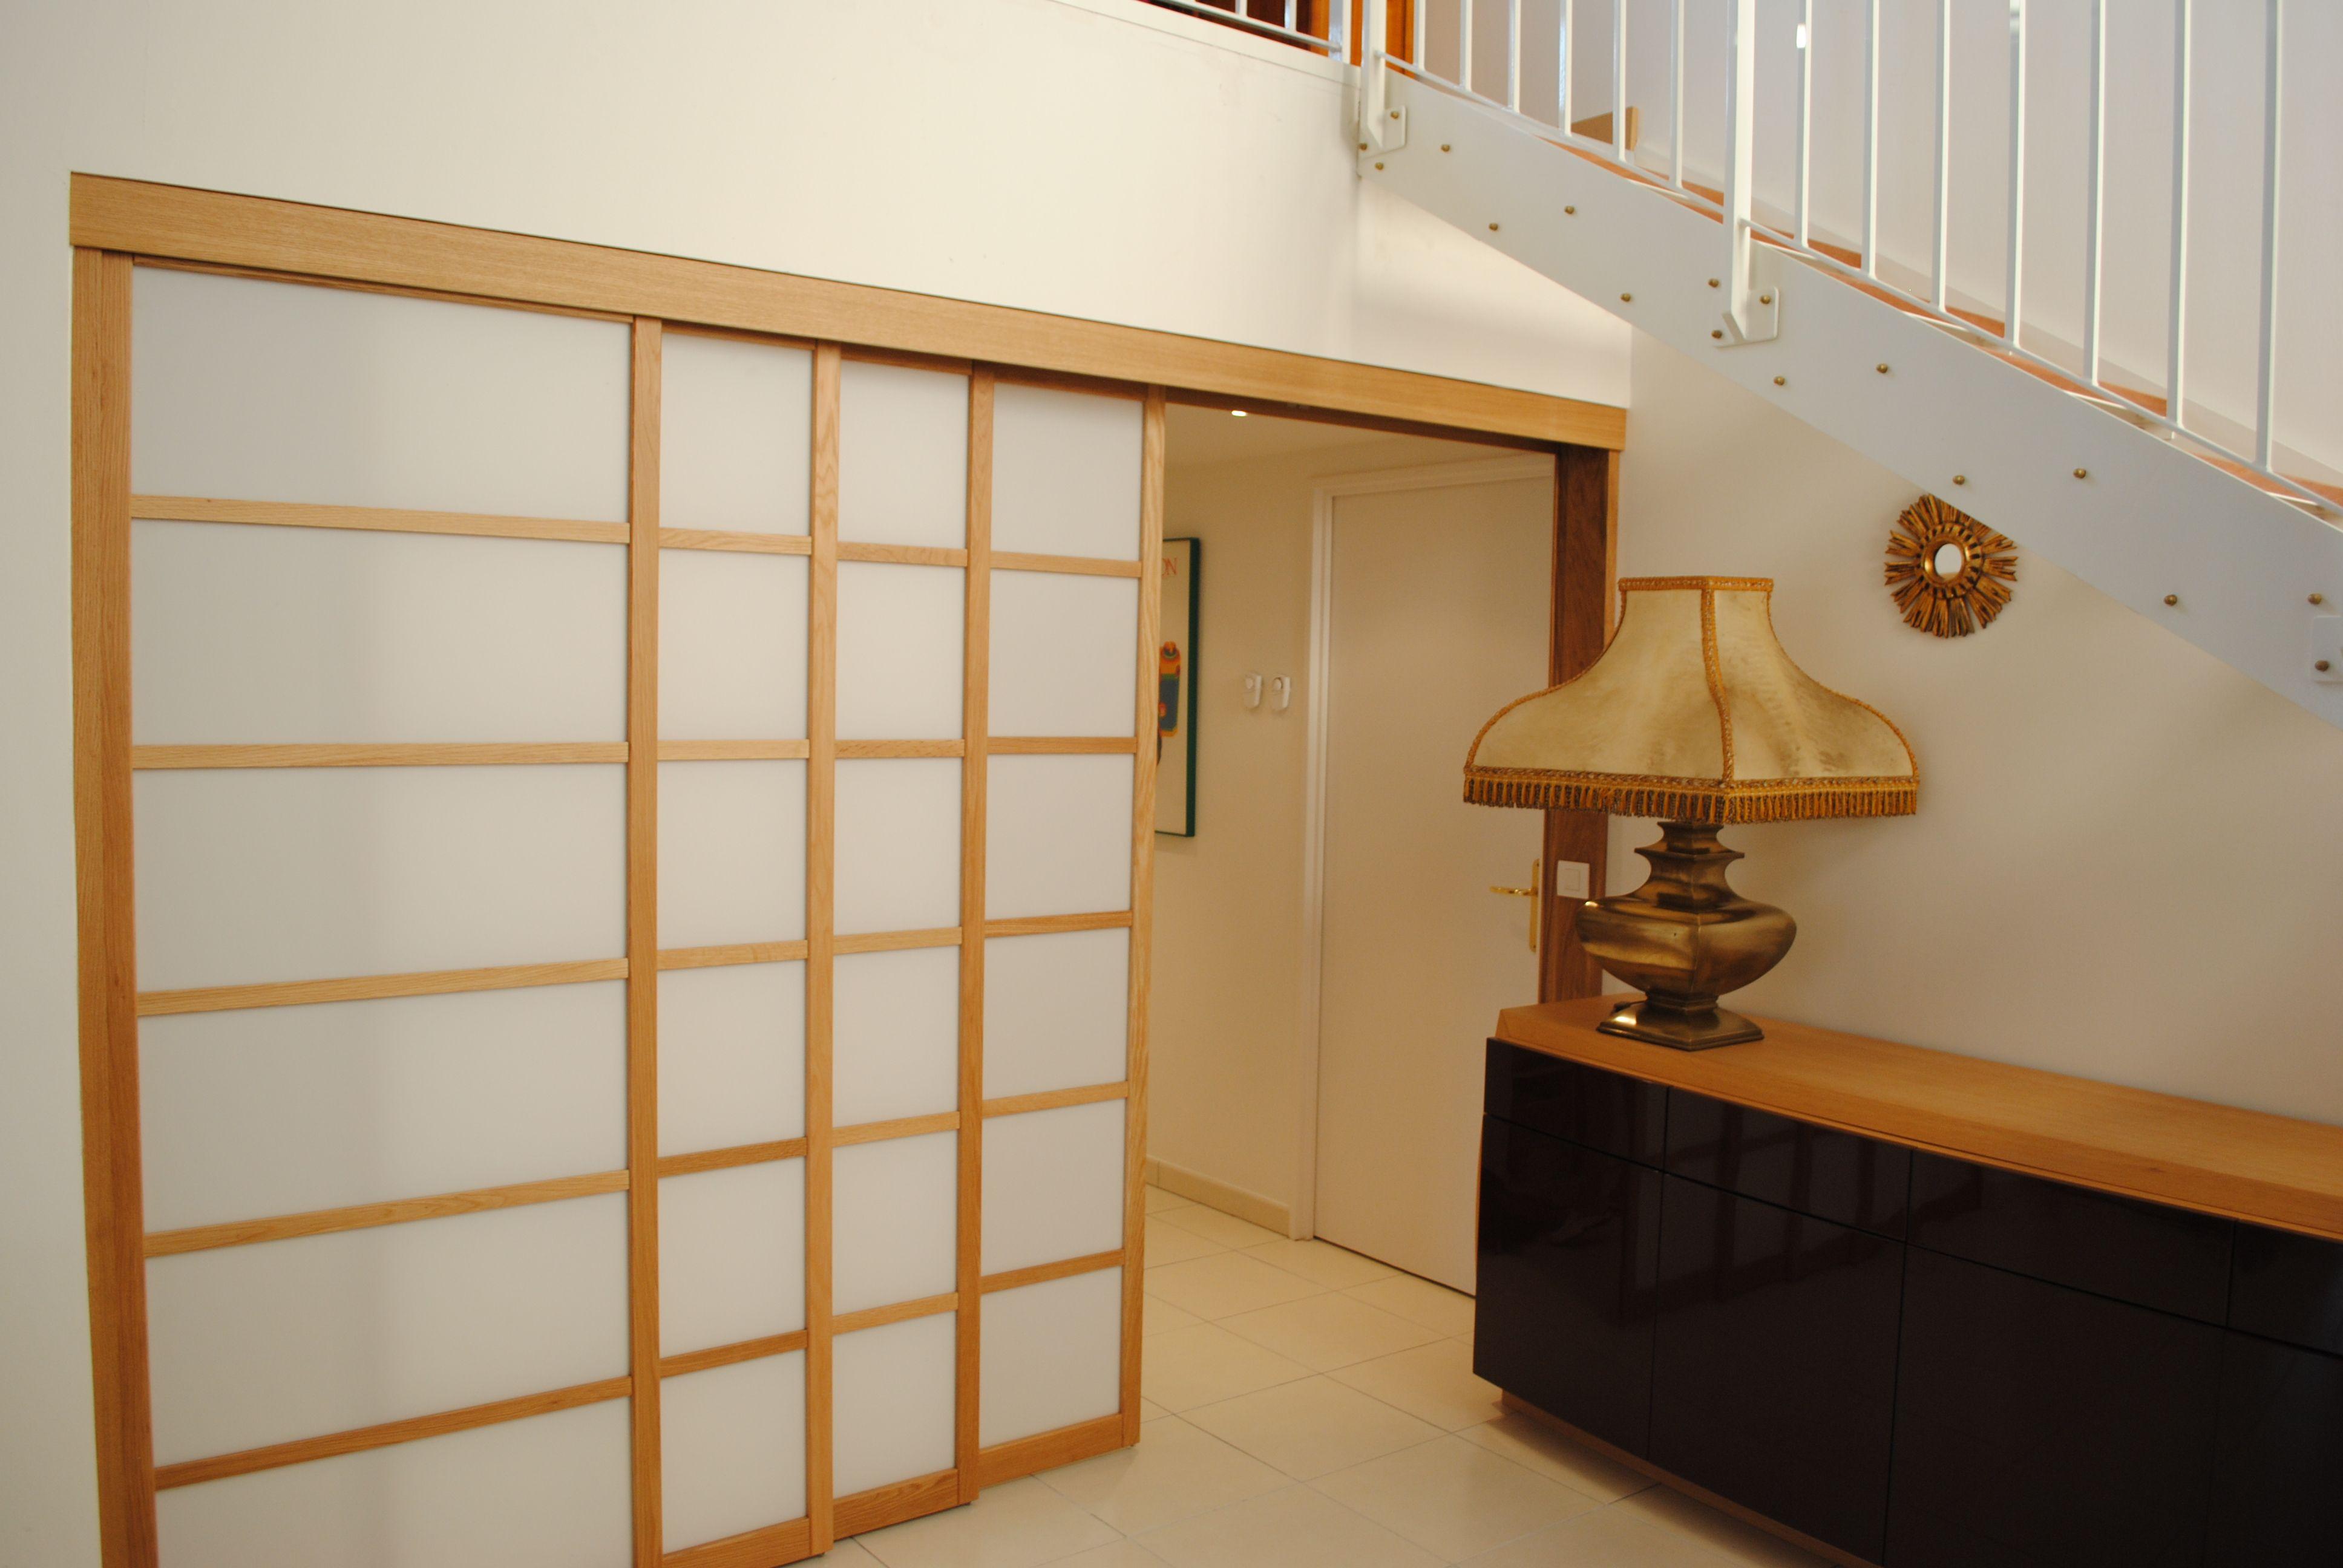 Panneaux Japonais | Dressing Concept | Maison chambre RdC | Pinterest